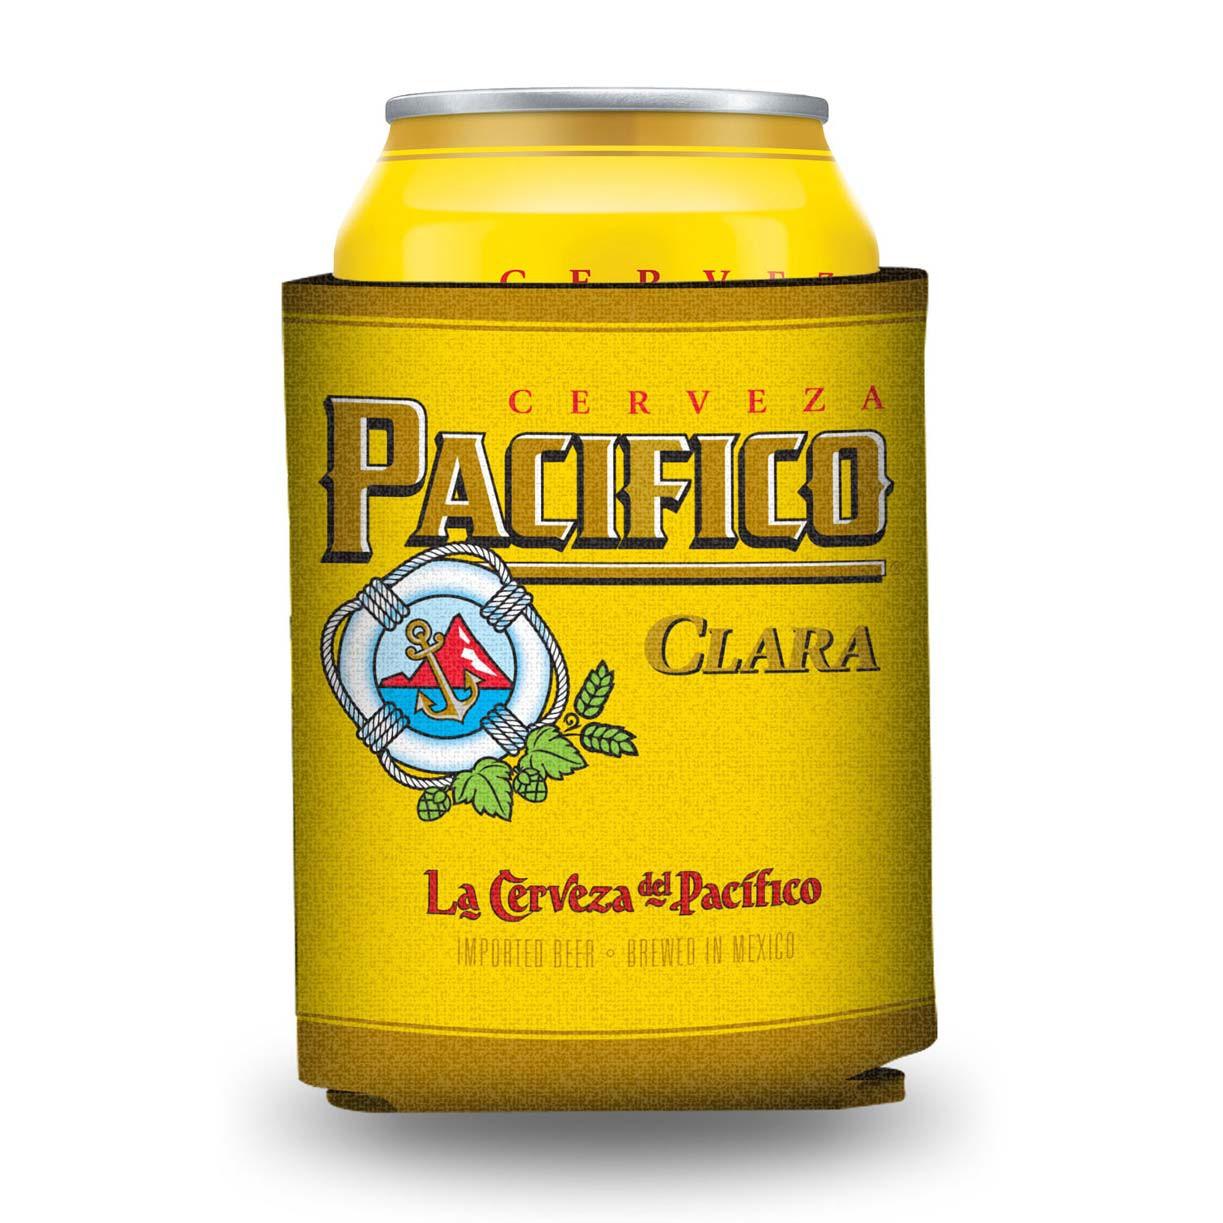 Pacifico Can Insulator